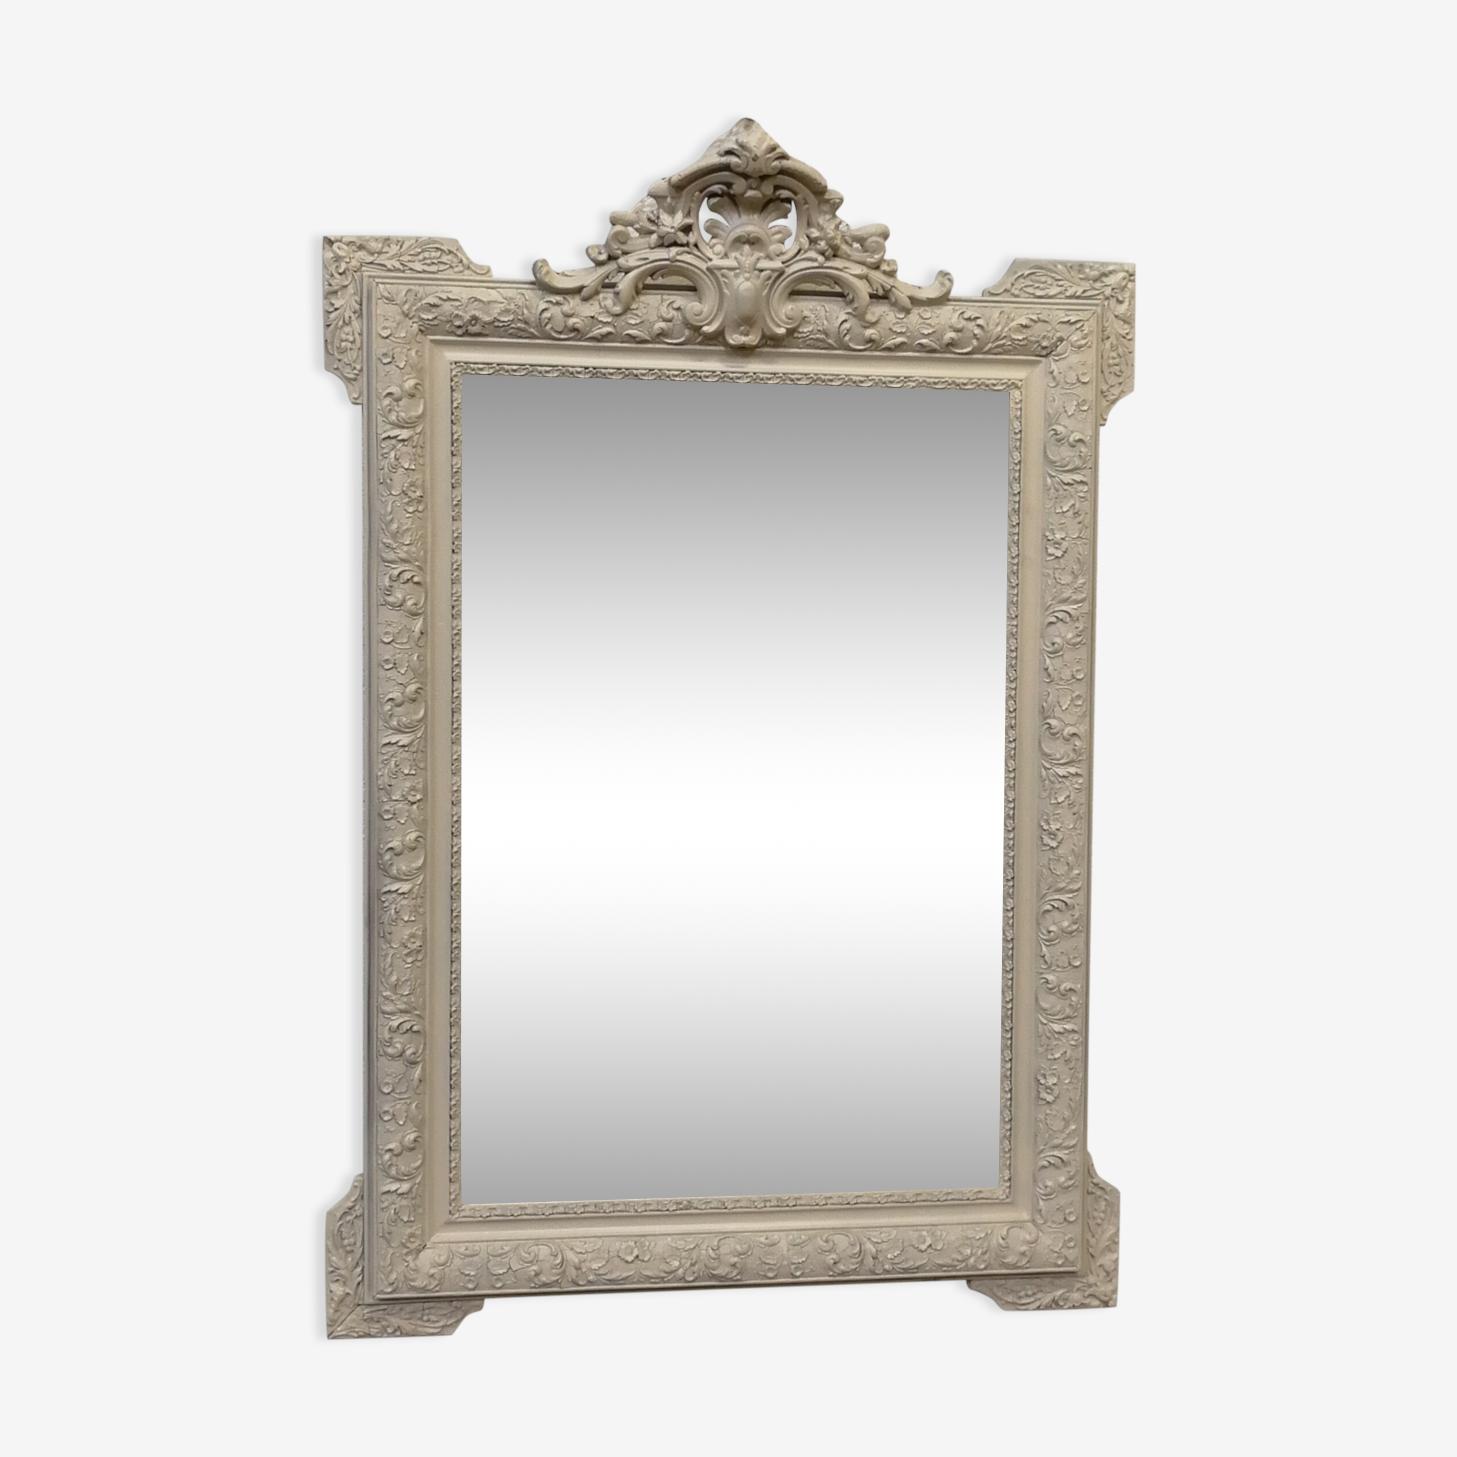 Miroir ancien rectangulaire en bois et stuc peint 82x120cm